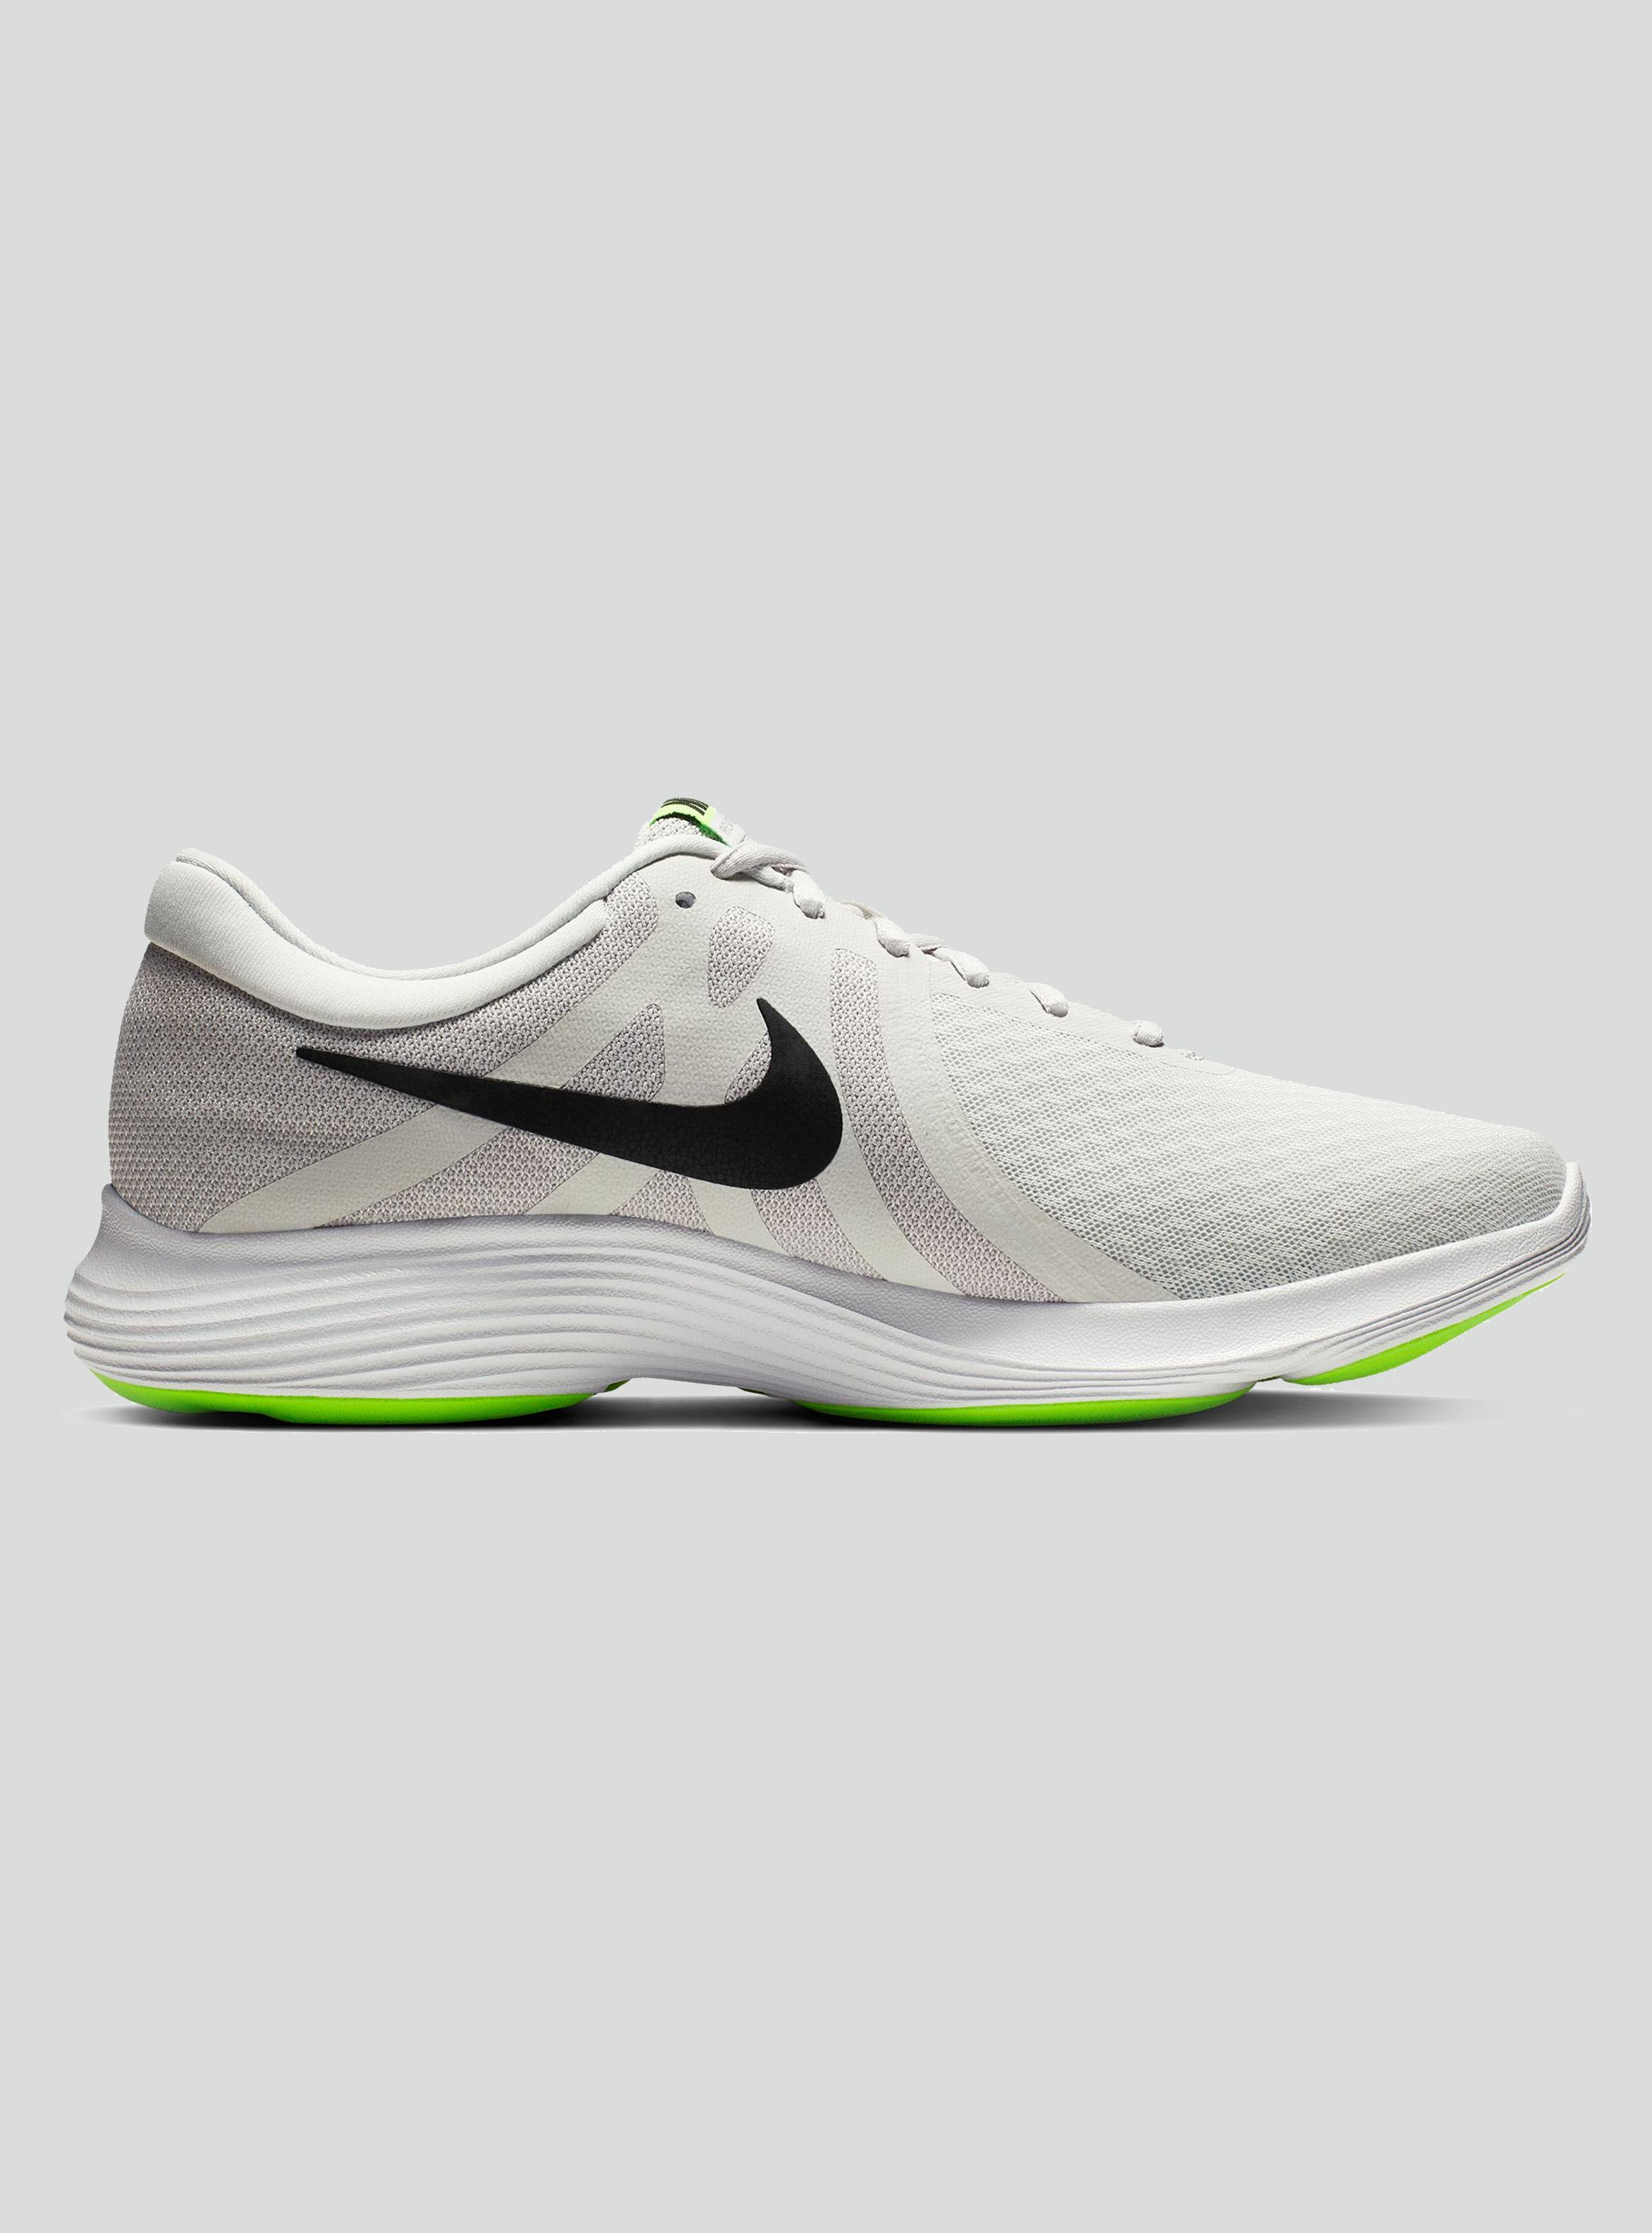 Zapatillas Running Nike, Nuevas Zapatillas Nike Revolution 4